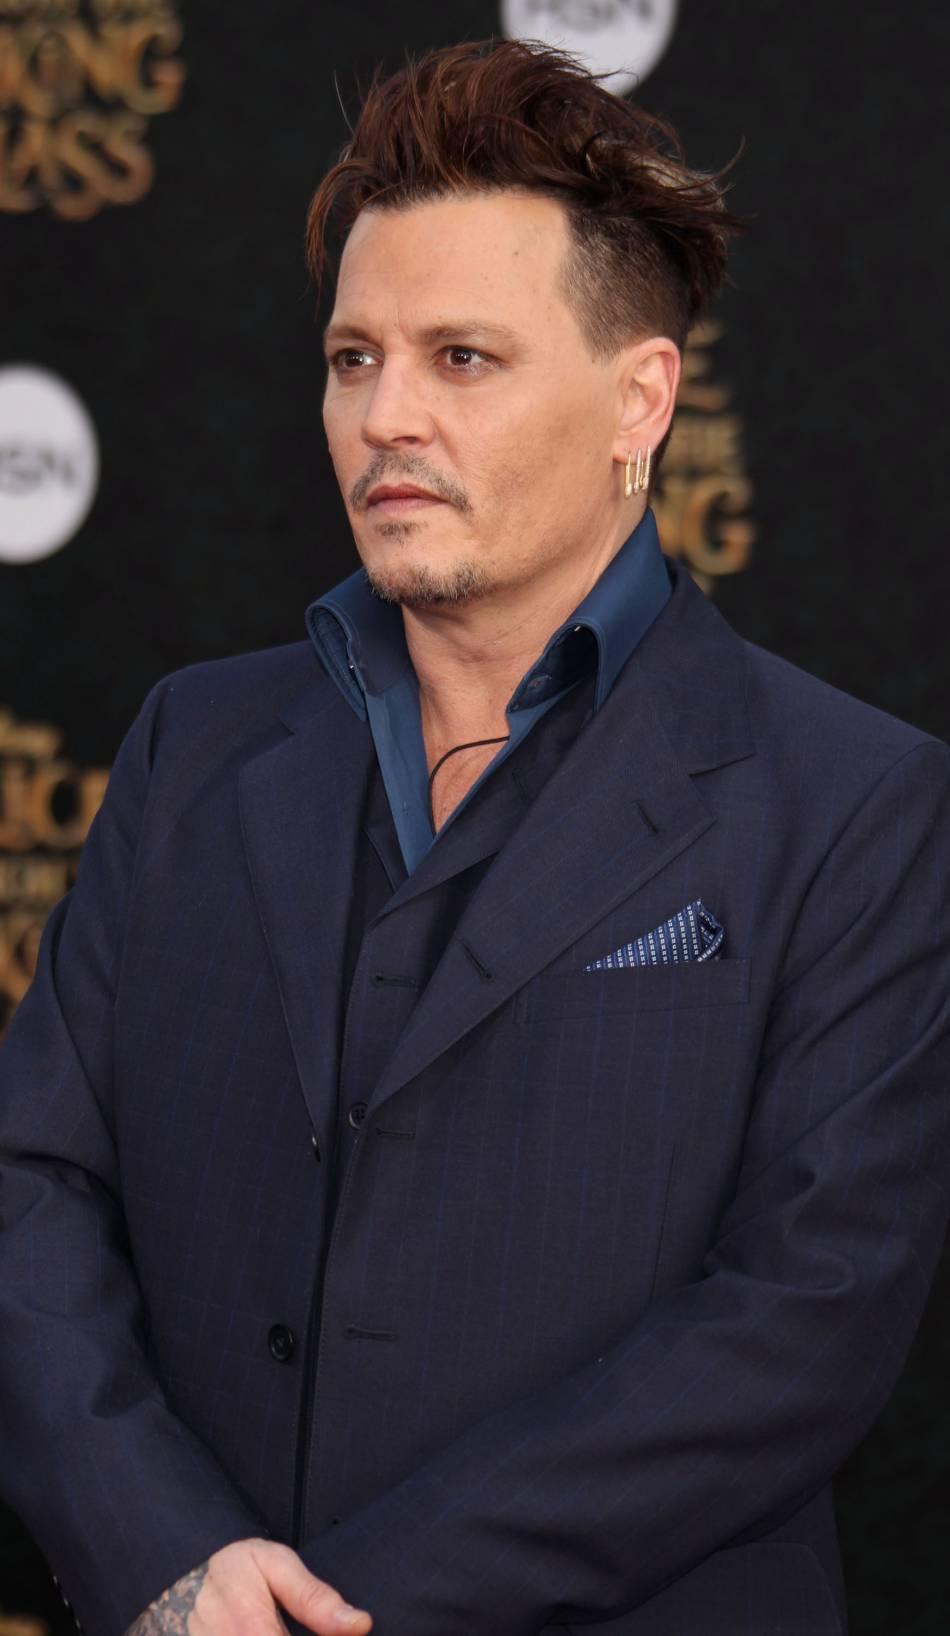 Trois jours avant l'annonce de son divorce, Johnny Depp perdait sa mère Betty Sue Palmer.